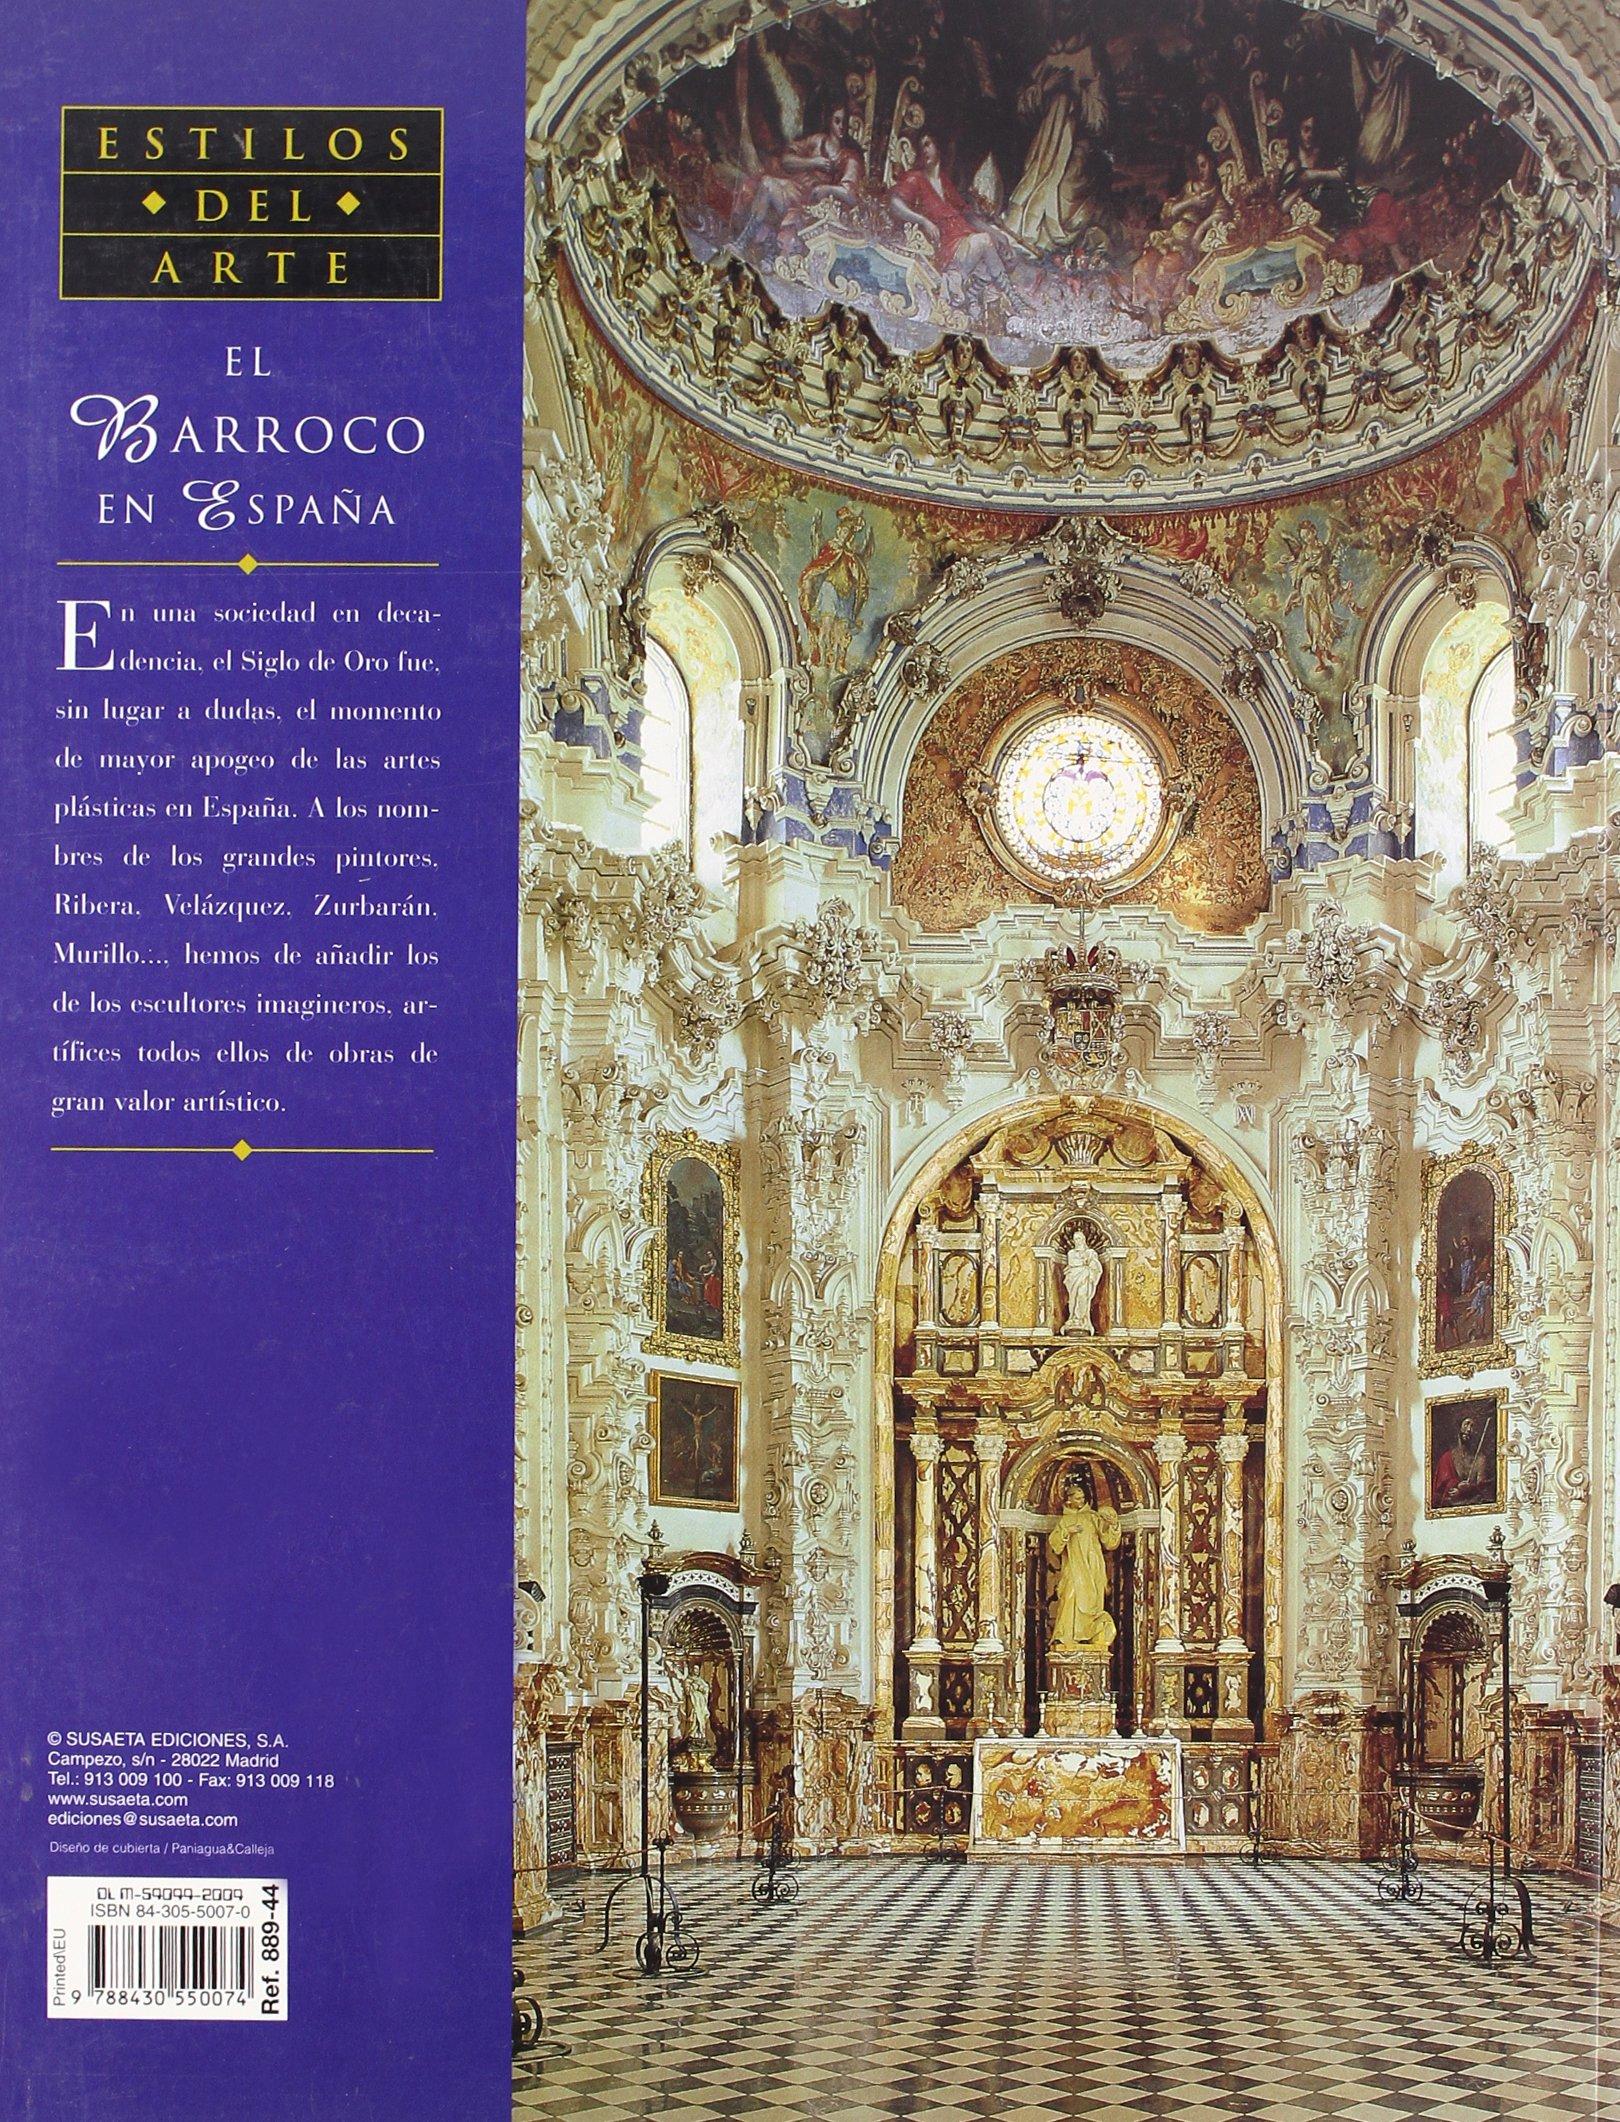 Barroco En España, El (Genios Del Arte): Amazon.es: Arnau Gubern, Elisa, Susaeta, Equipo: Libros